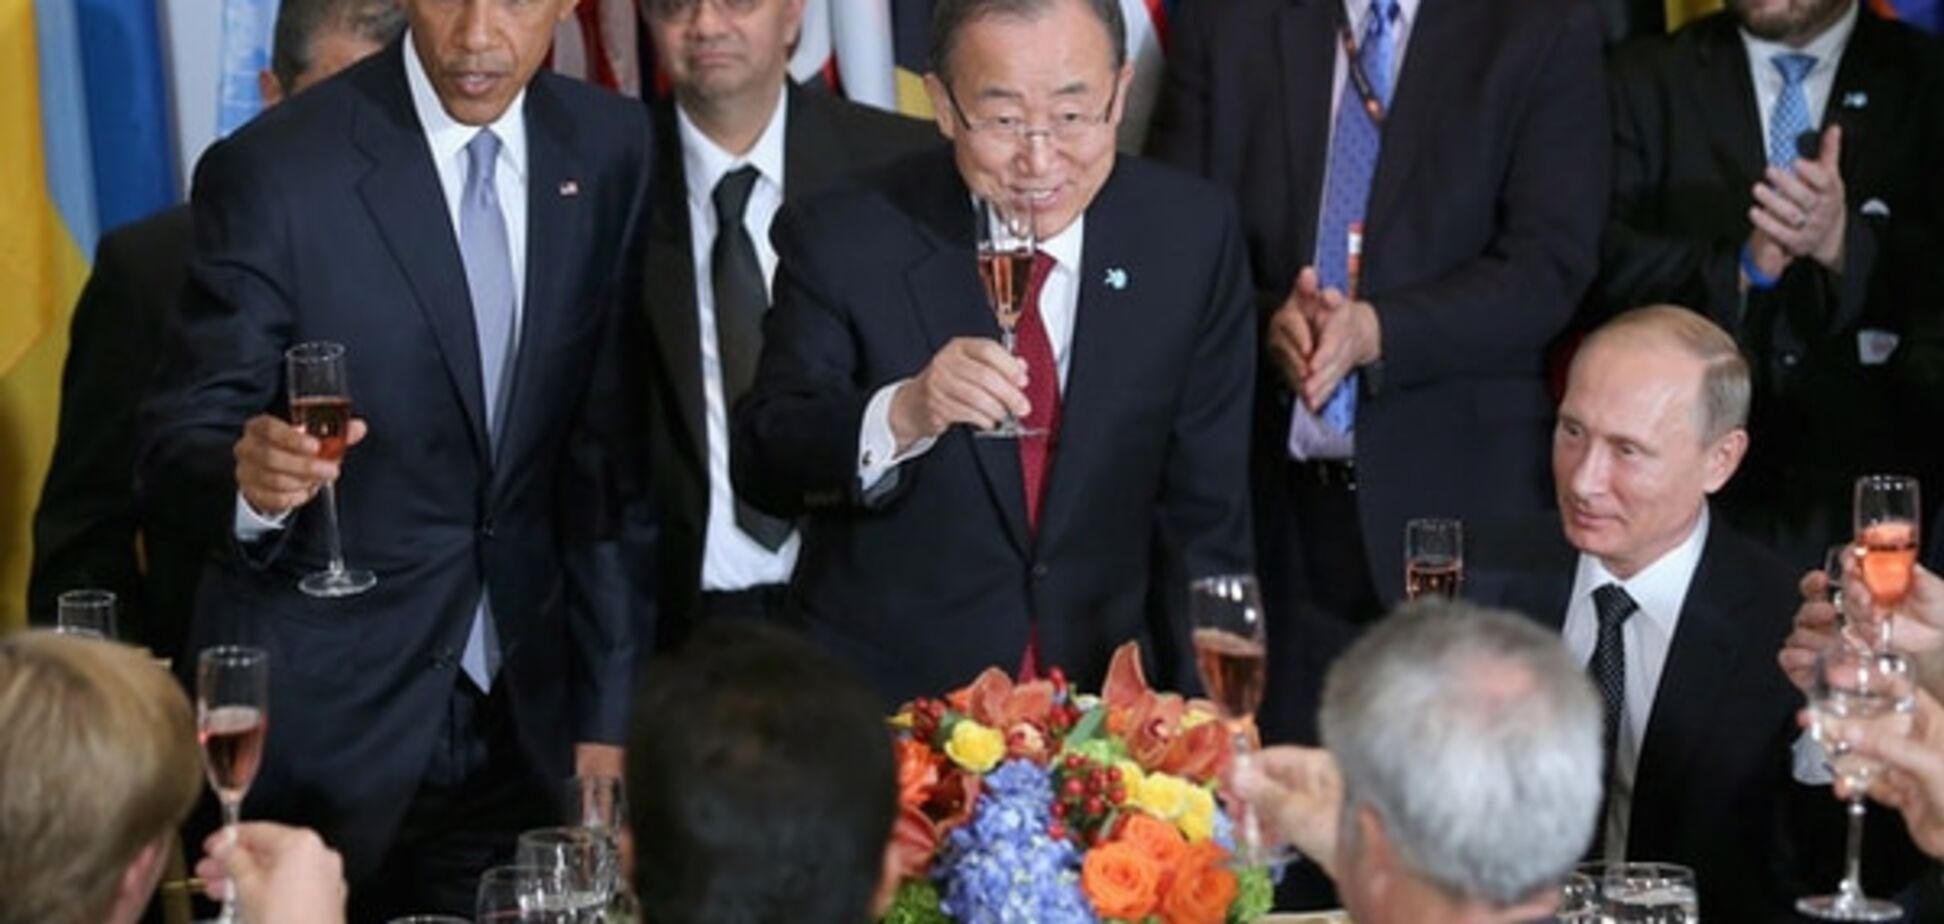 Не чокаясь: Обама предложил Путину выпить за 'ответственность перед людьми'. Видеофакт